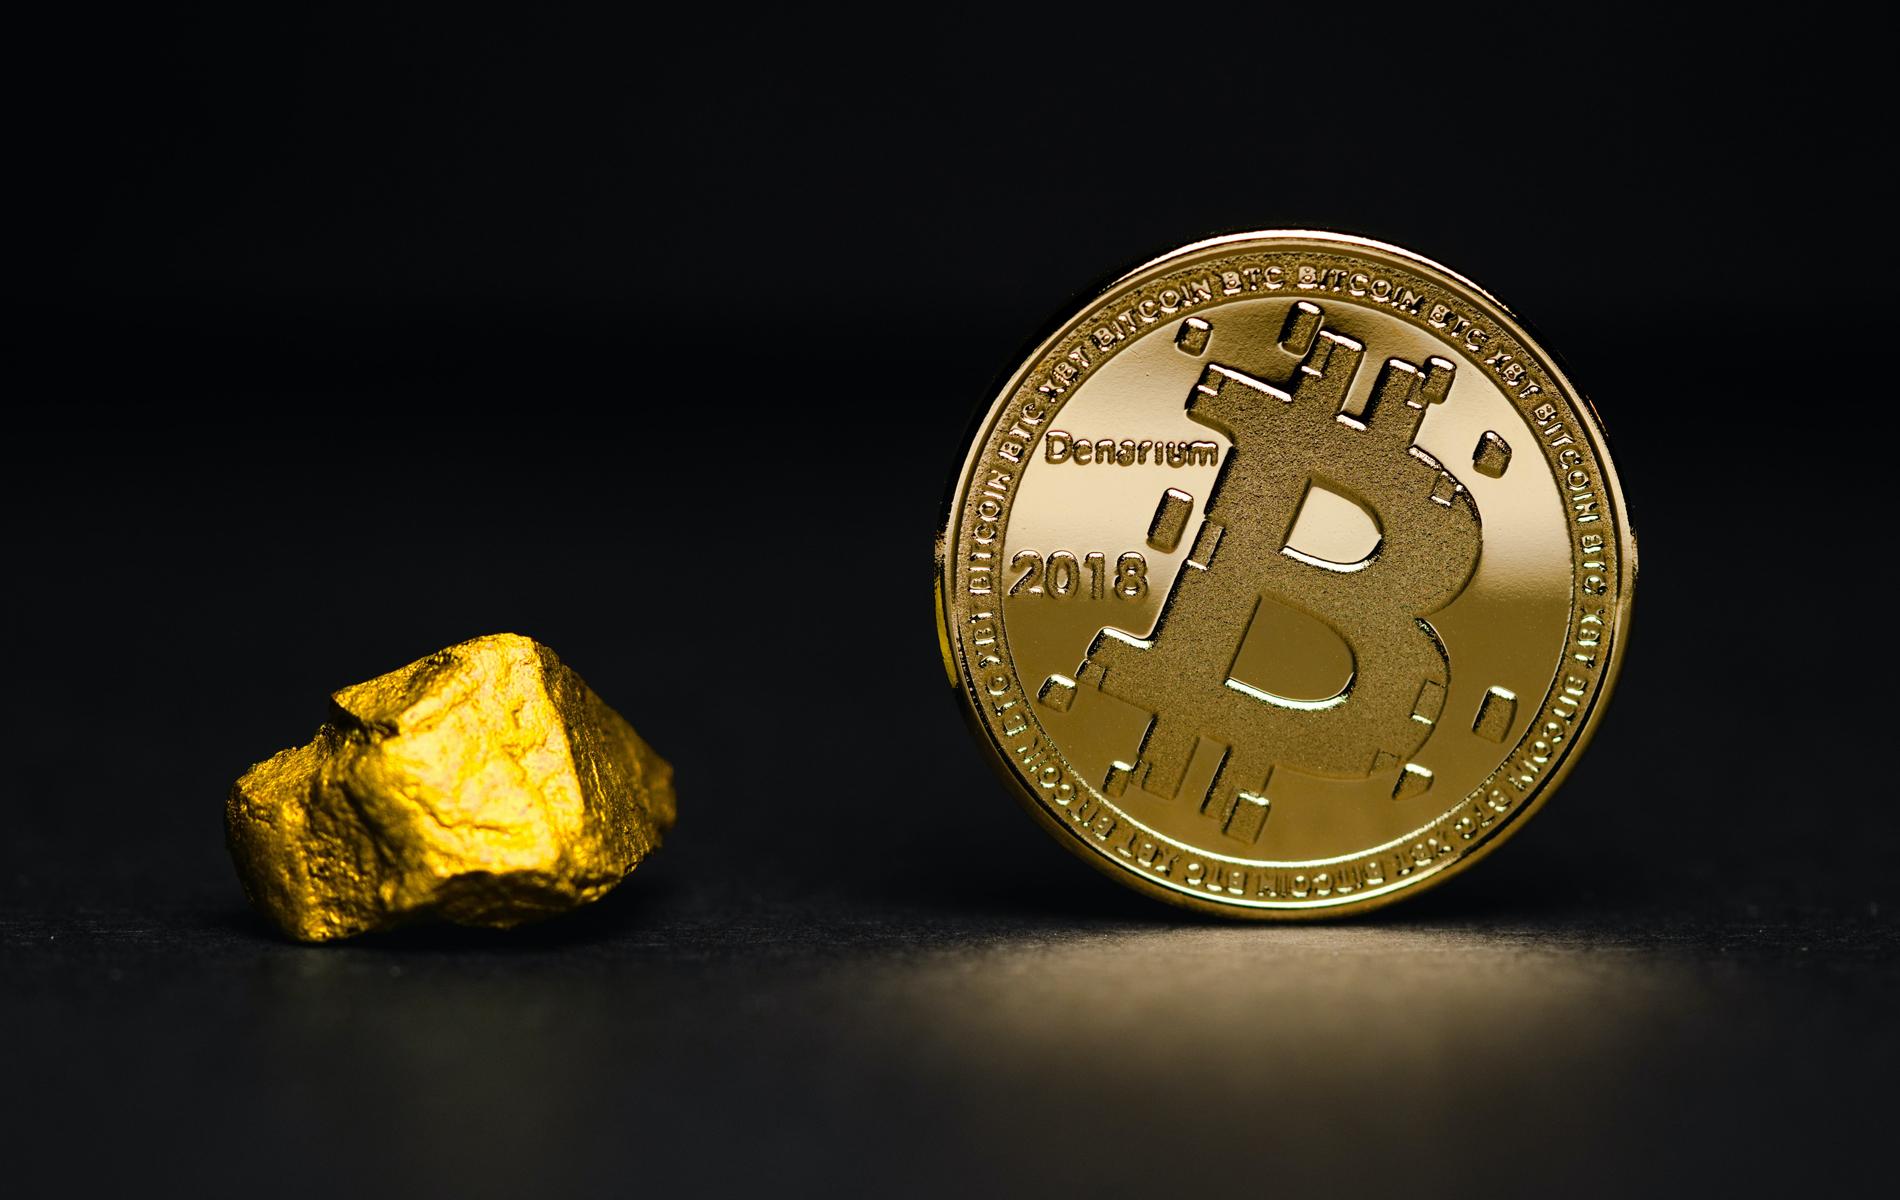 黄金价格飞涨,而在冠状病毒危机中比特币价格上涨已经落后 0001